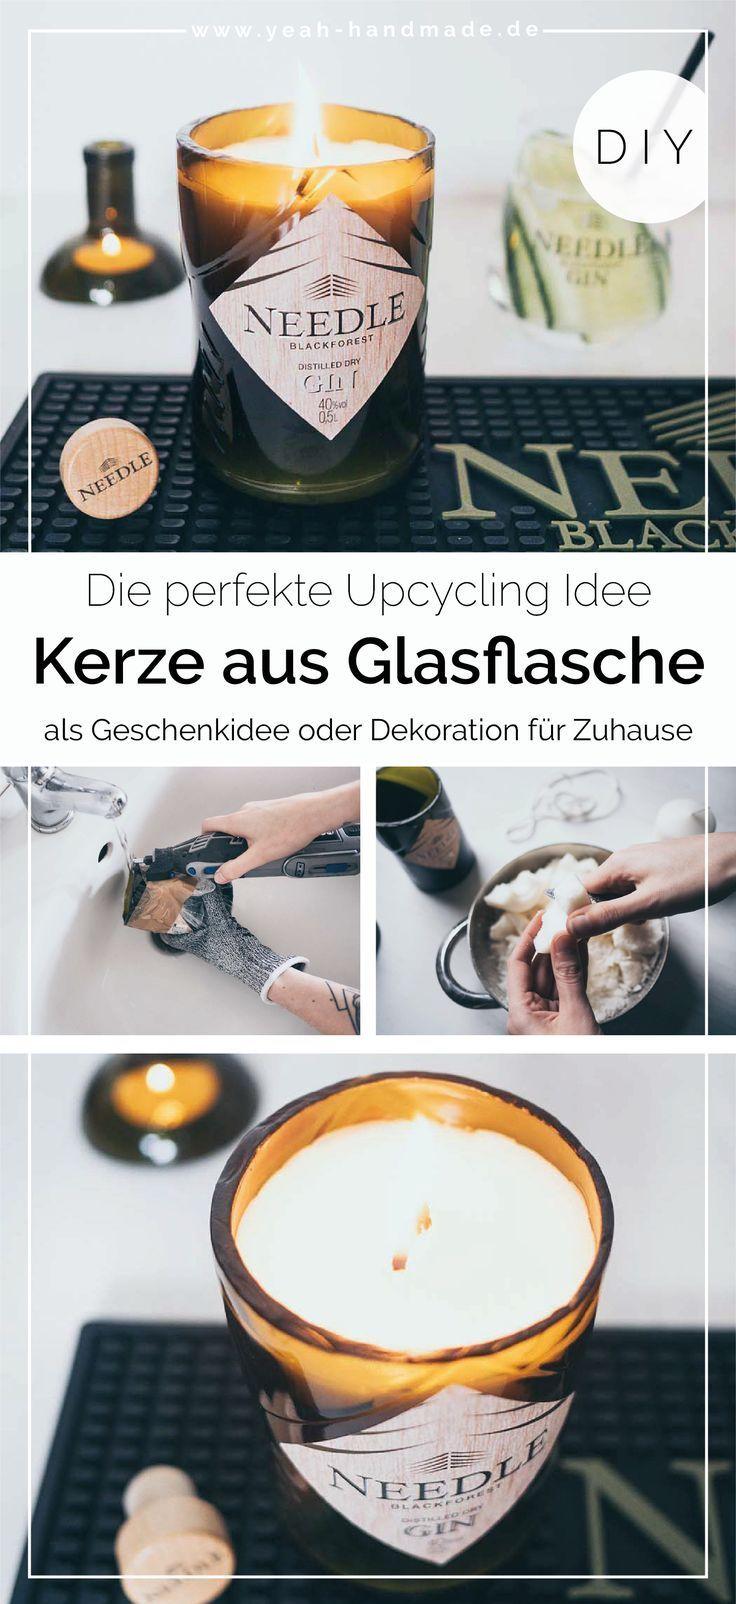 Bild von [Anzeige] Machen Sie selbst DIY Glasflaschen mit Needle Blackfor